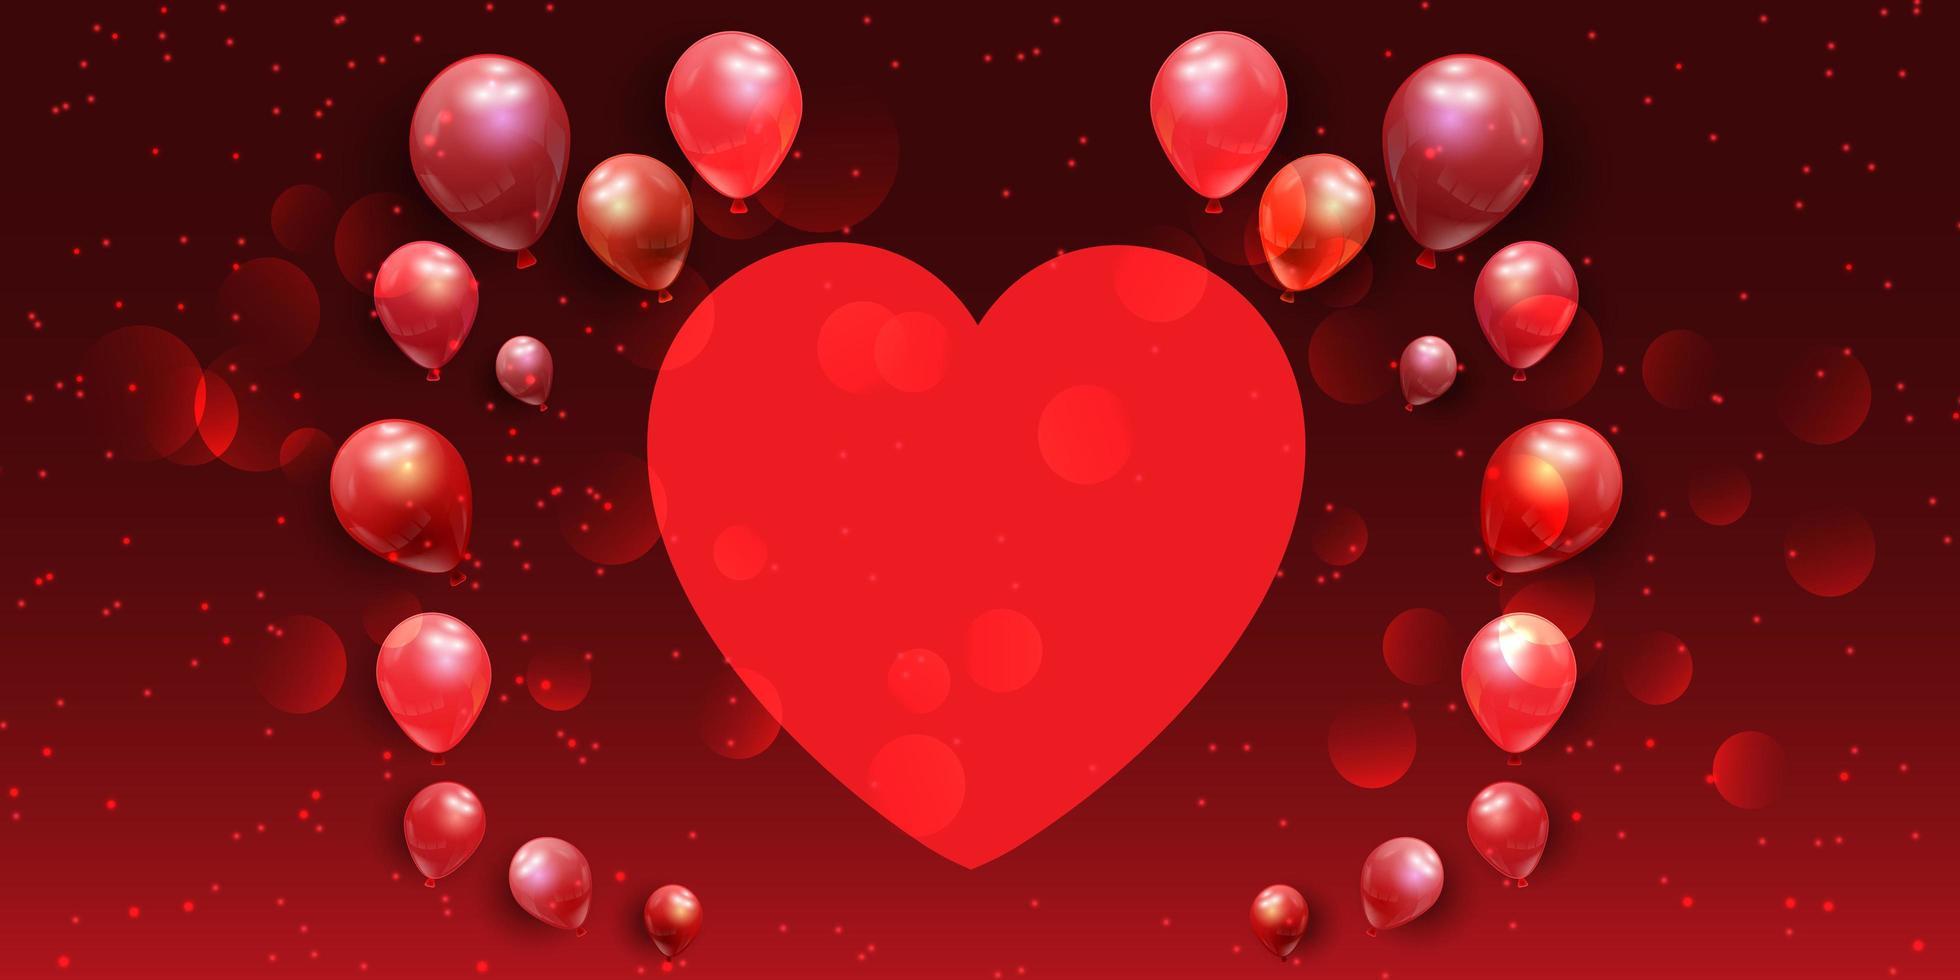 Alla hjärtans dag banner med hjärta och ballonger vektor